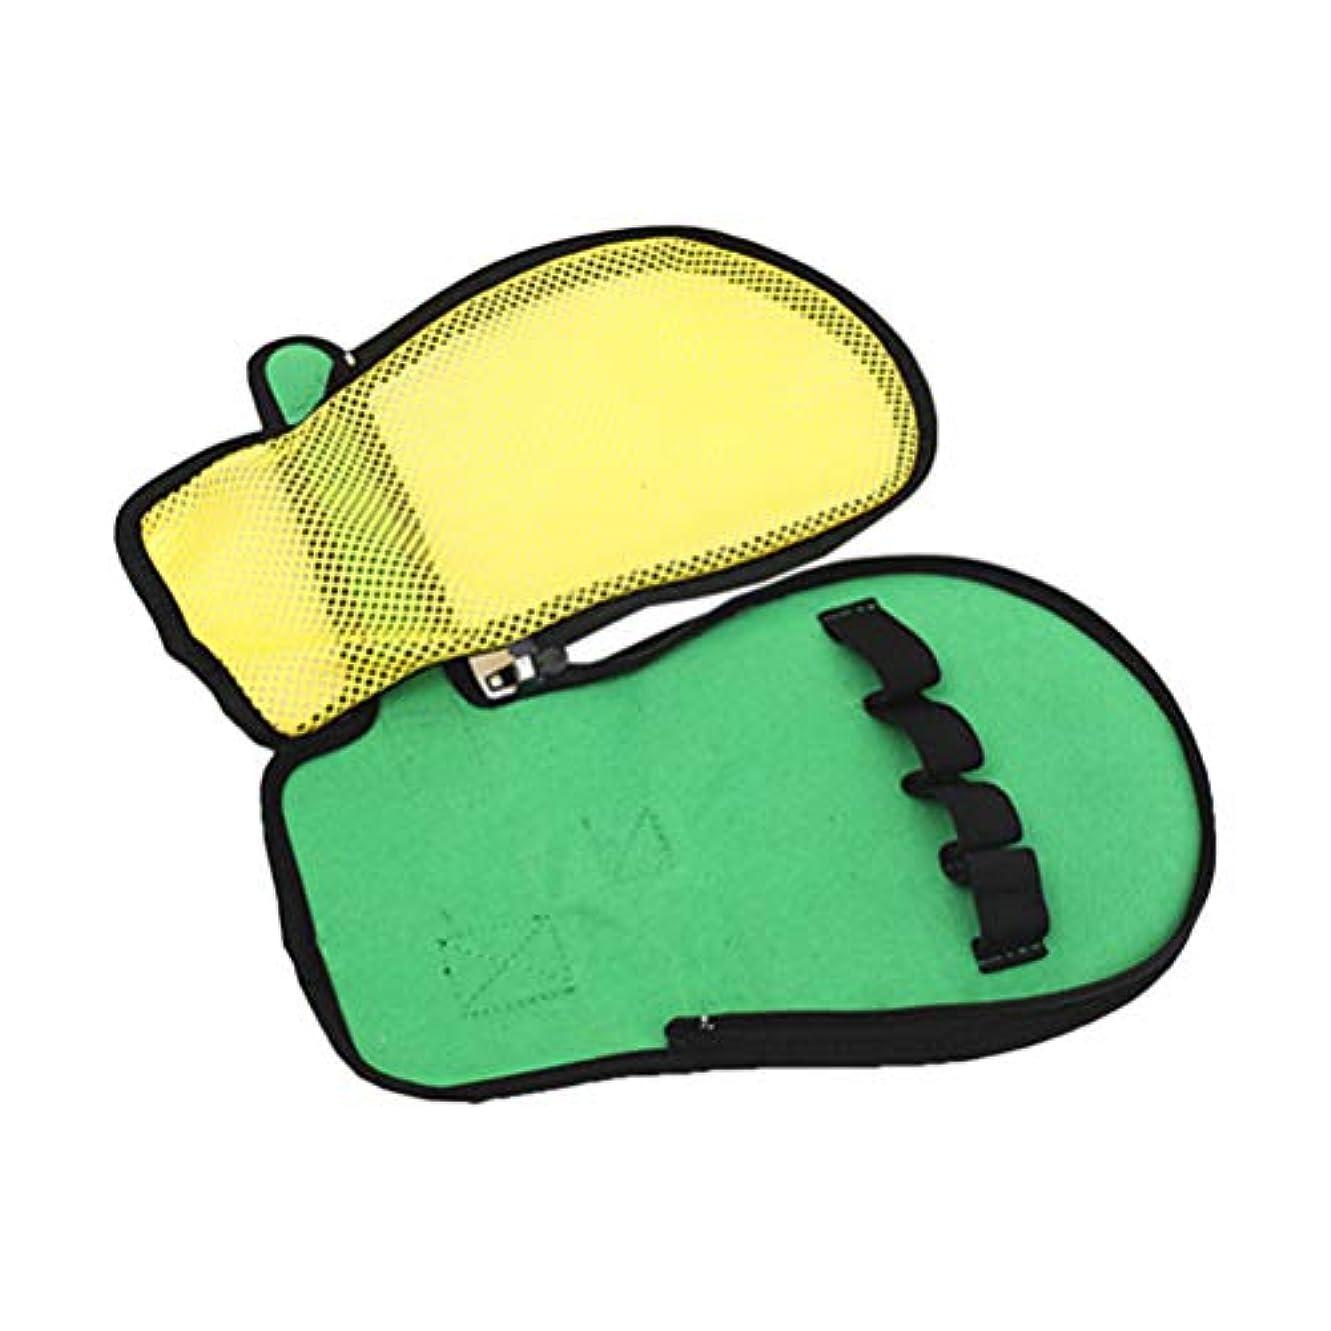 ランク壊れた親愛なHealifty 手指制御ミットユニバーサル手拘束グローブ指拘束プロテクター指固定グローブ男性女性シニア